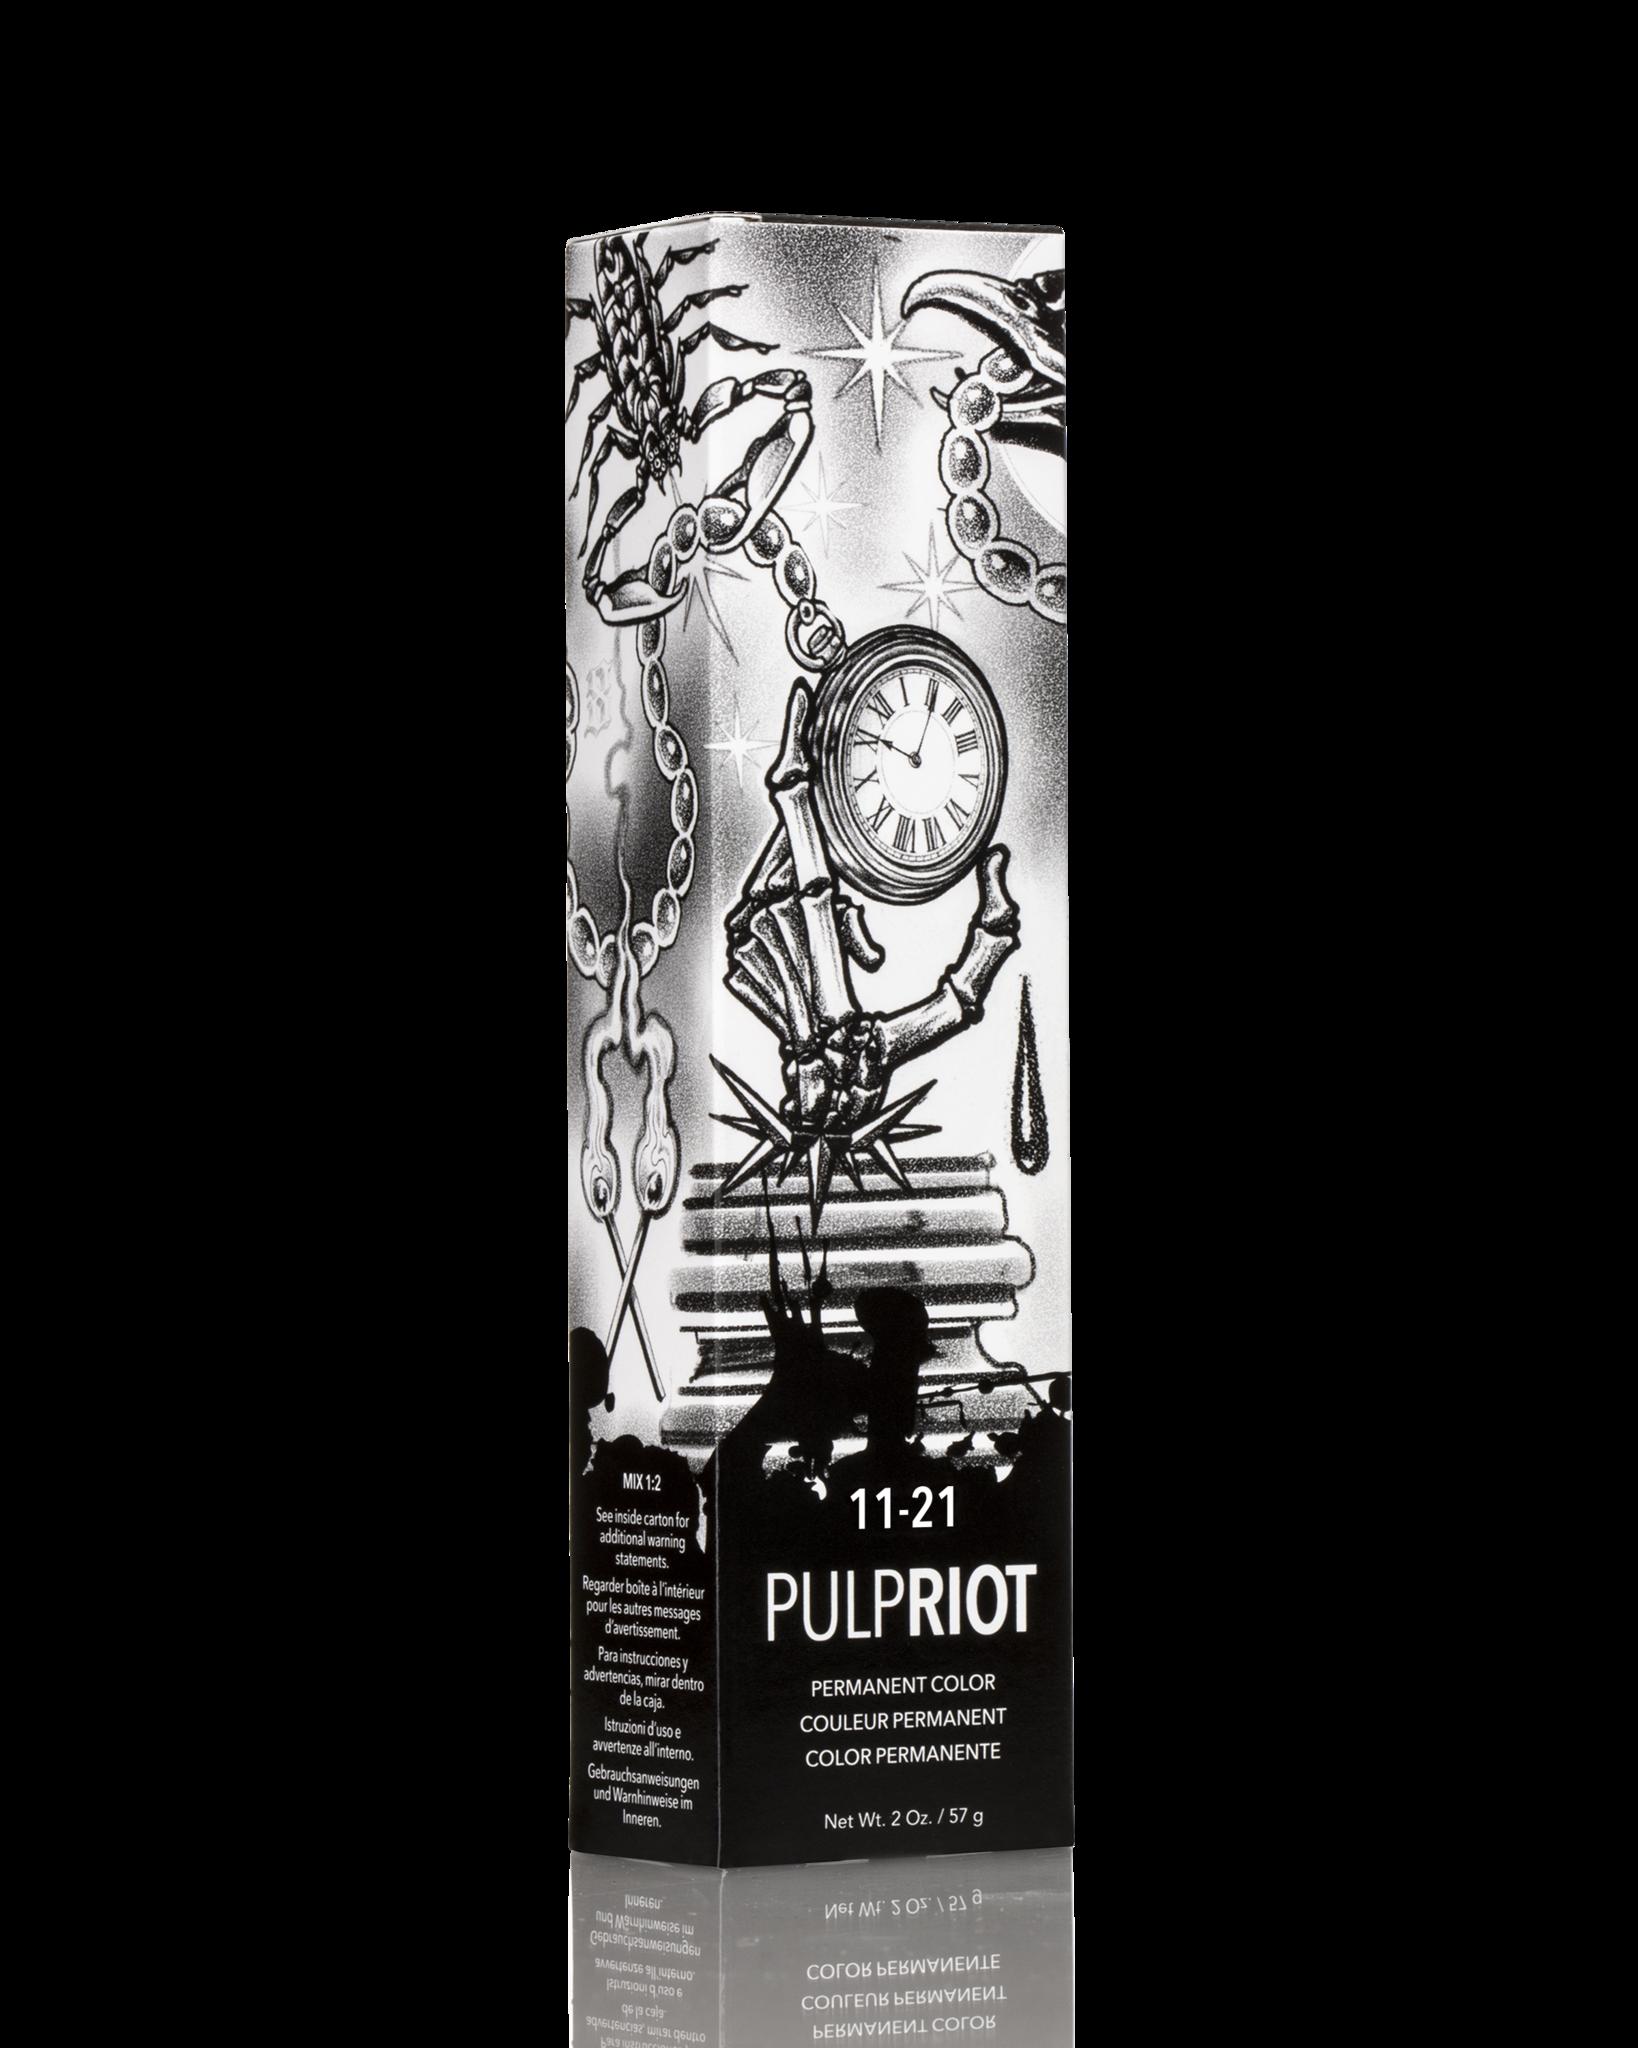 Pulp Riot PULP RIOT FACTION 8 SUPER ÉCLAIRCISSANT/HIGHLIFT 11-21